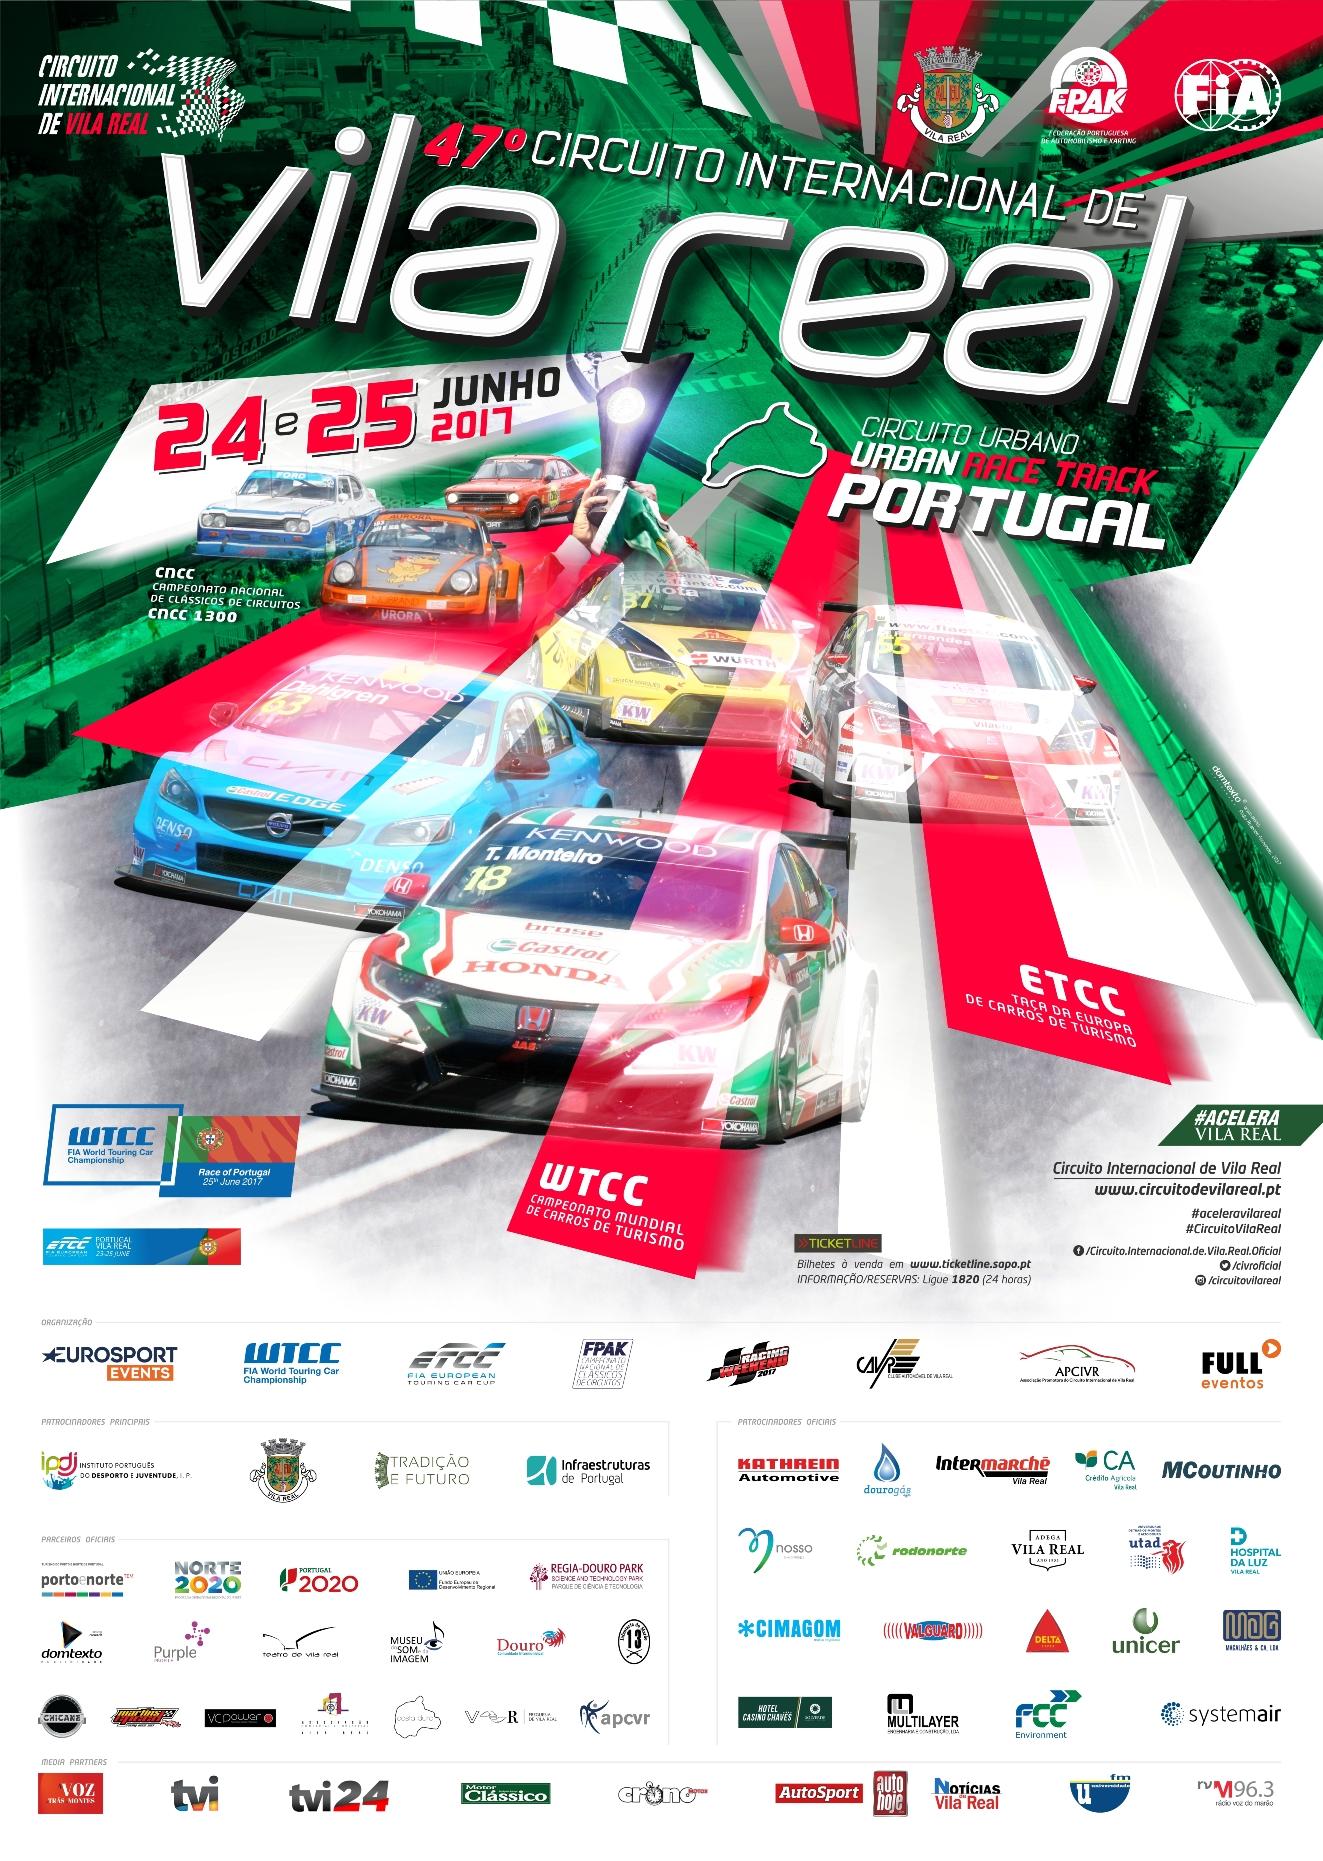 Circuito Vila Real : Apresentação do º circuito internacional de vila real u circuito